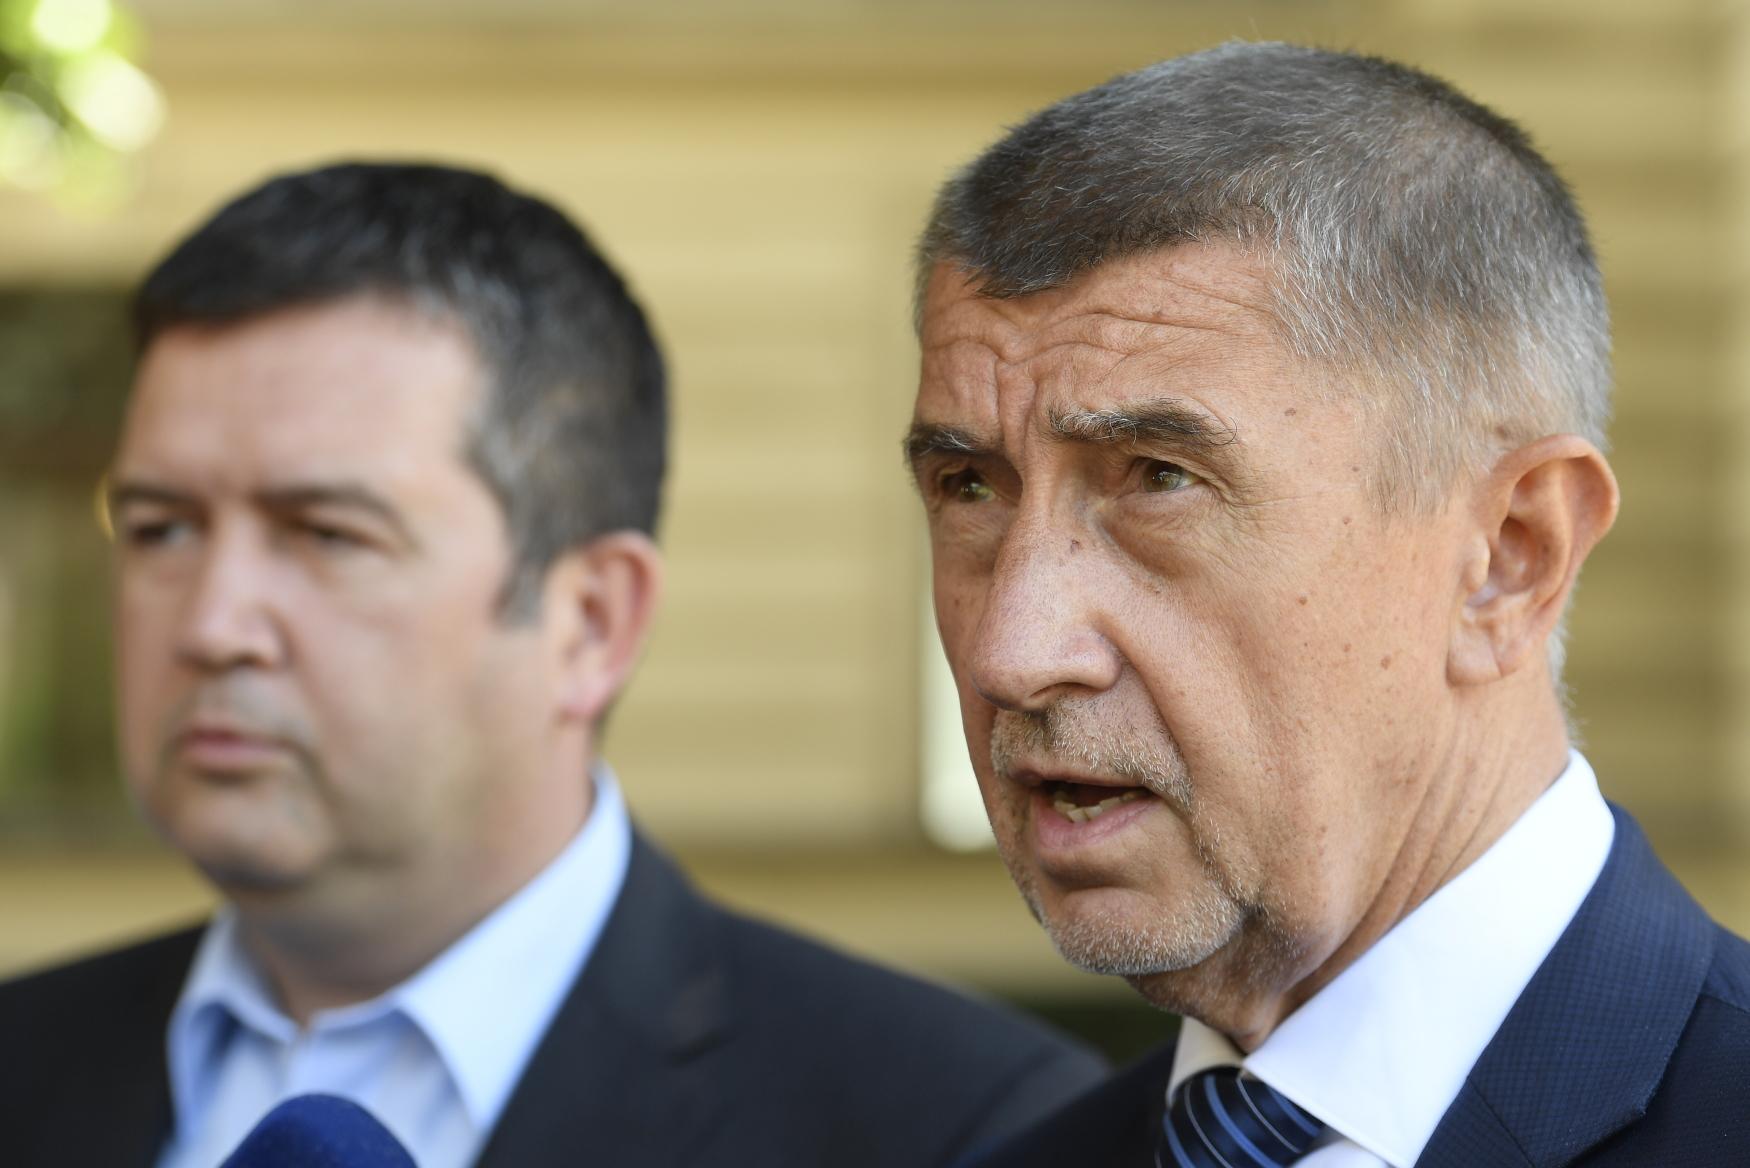 Šéf ČSSD a ministr vnitra Jan Hamáček (vlevo) a premiér a šéf hnutí ANO Andrej Babiš